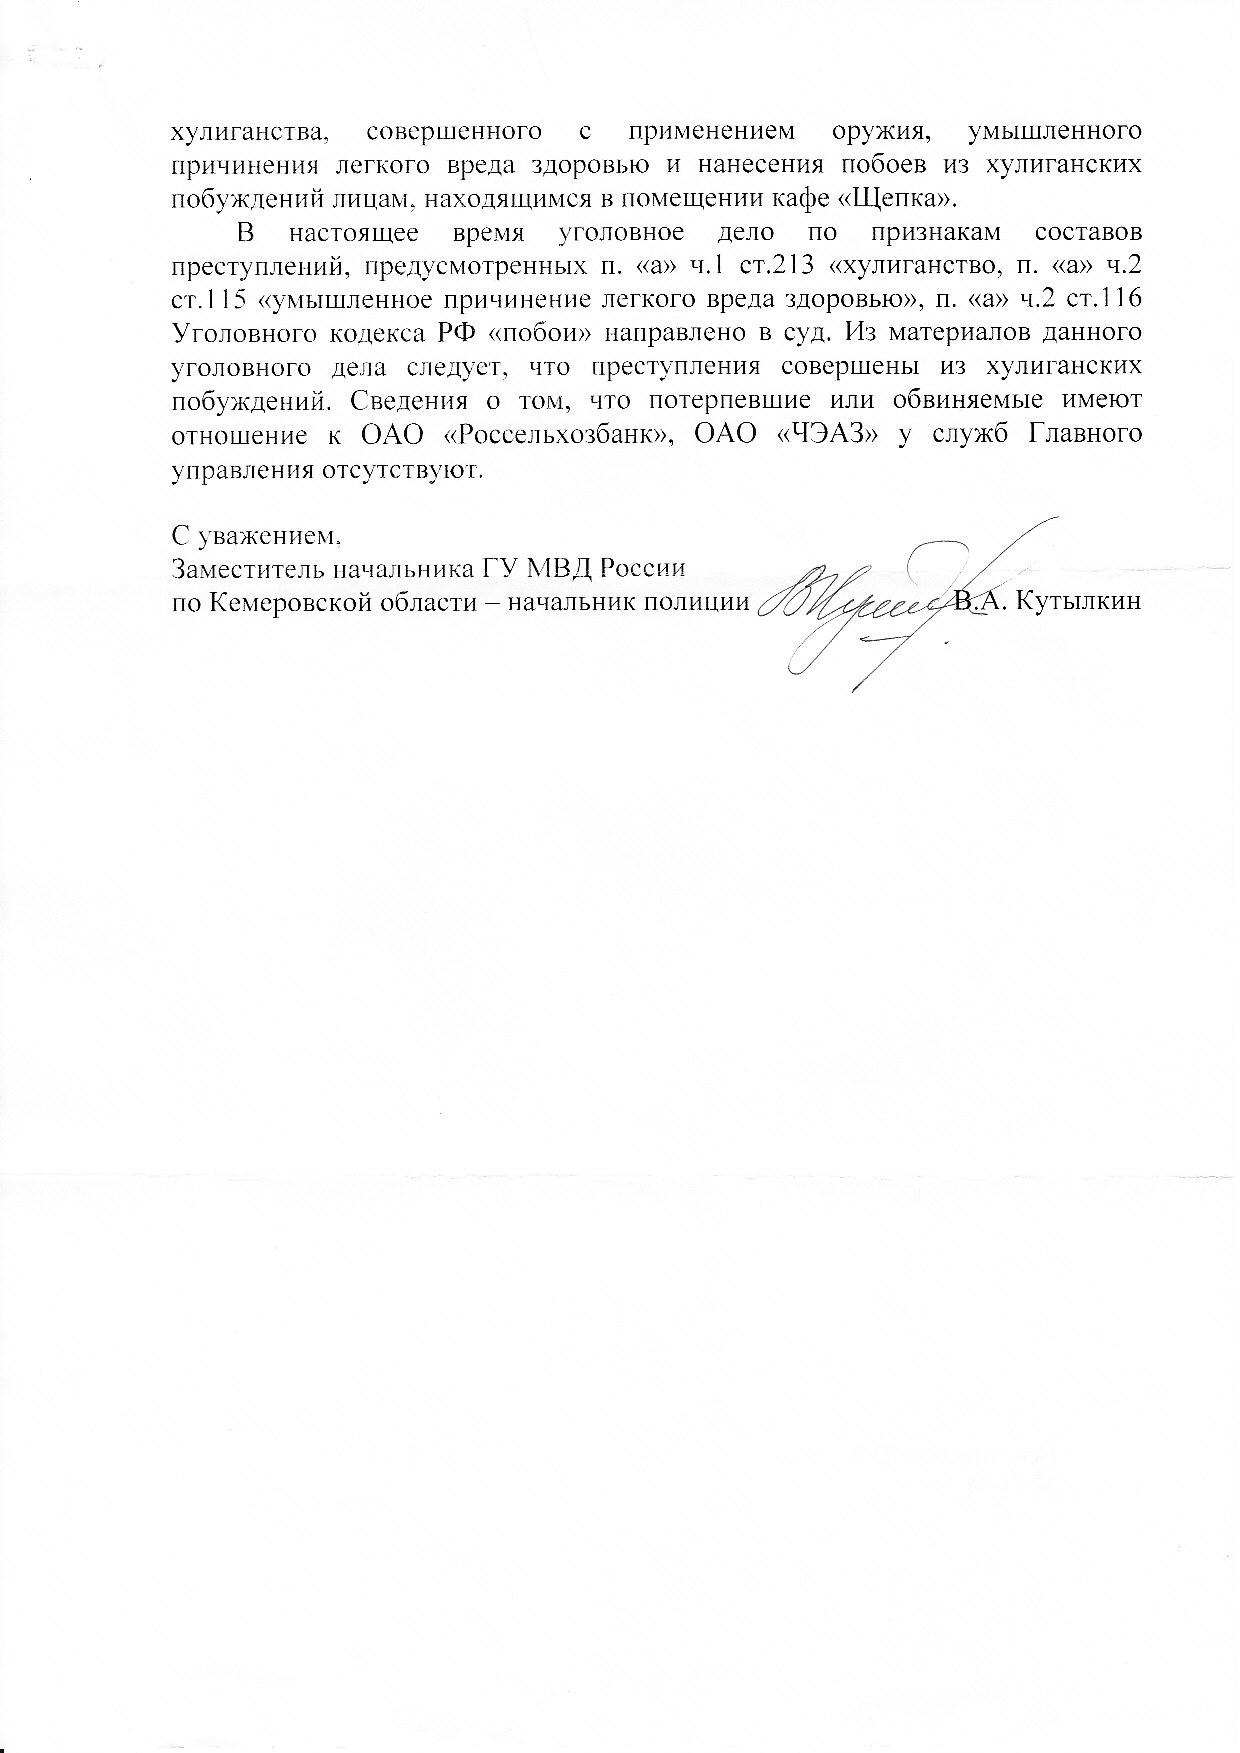 Письмо В.А. Кутылкина от 01.04.2103г - стр 2